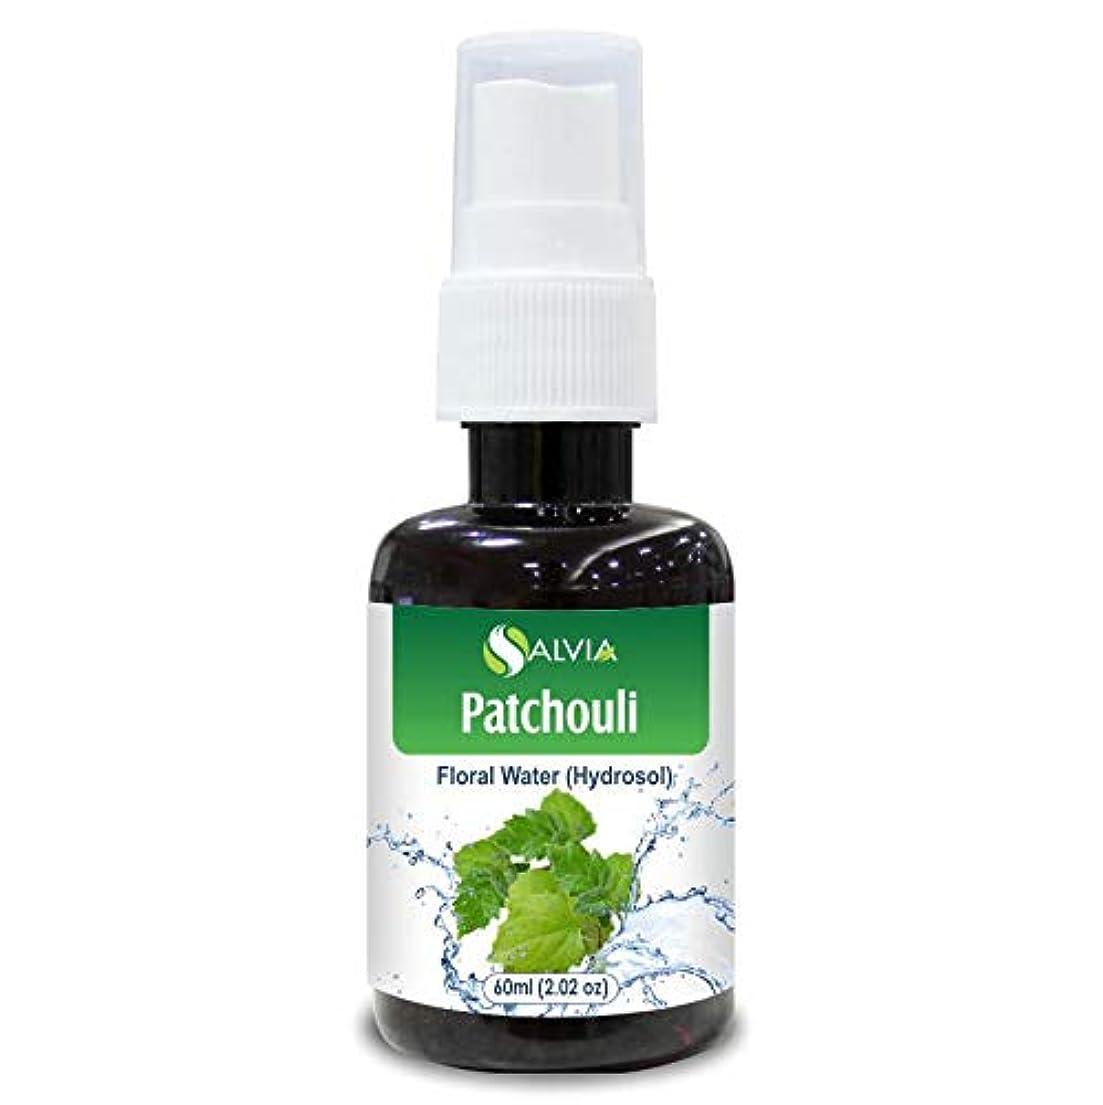 召集する禁止年次Patchouli Floral Water 60ml (Hydrosol) 100% Pure And Natural